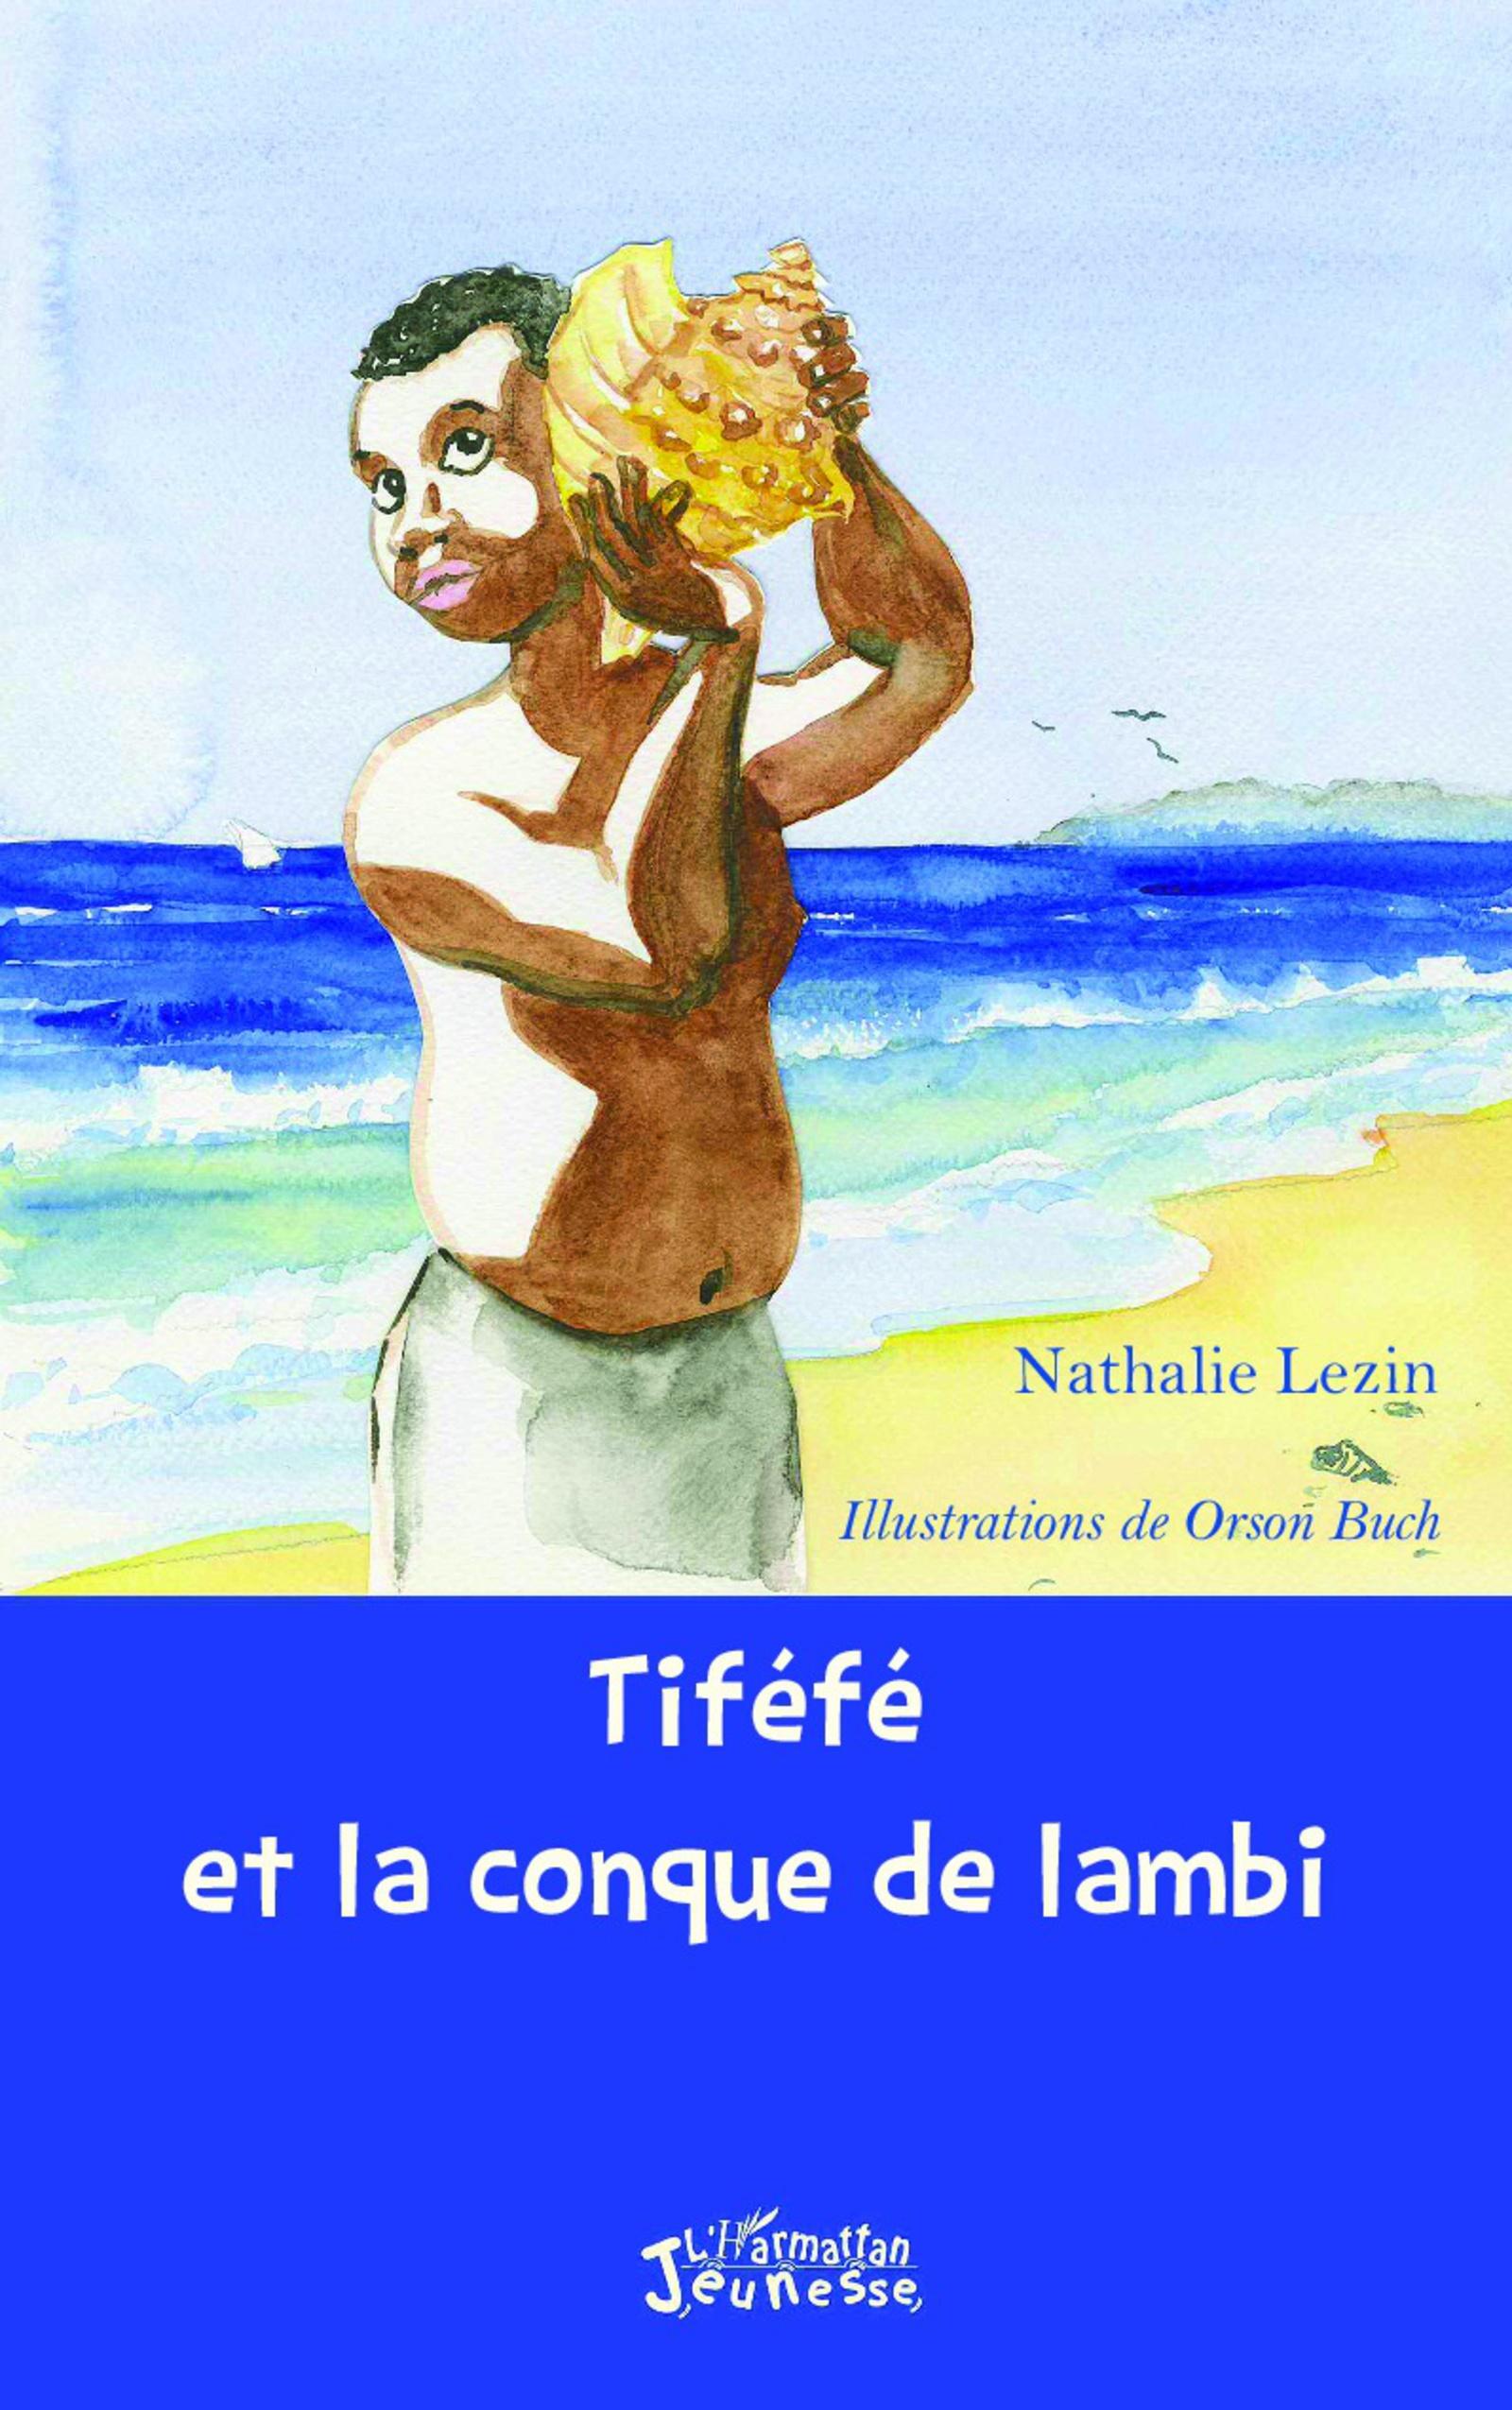 Les nouvelles aventures de Tiféfé